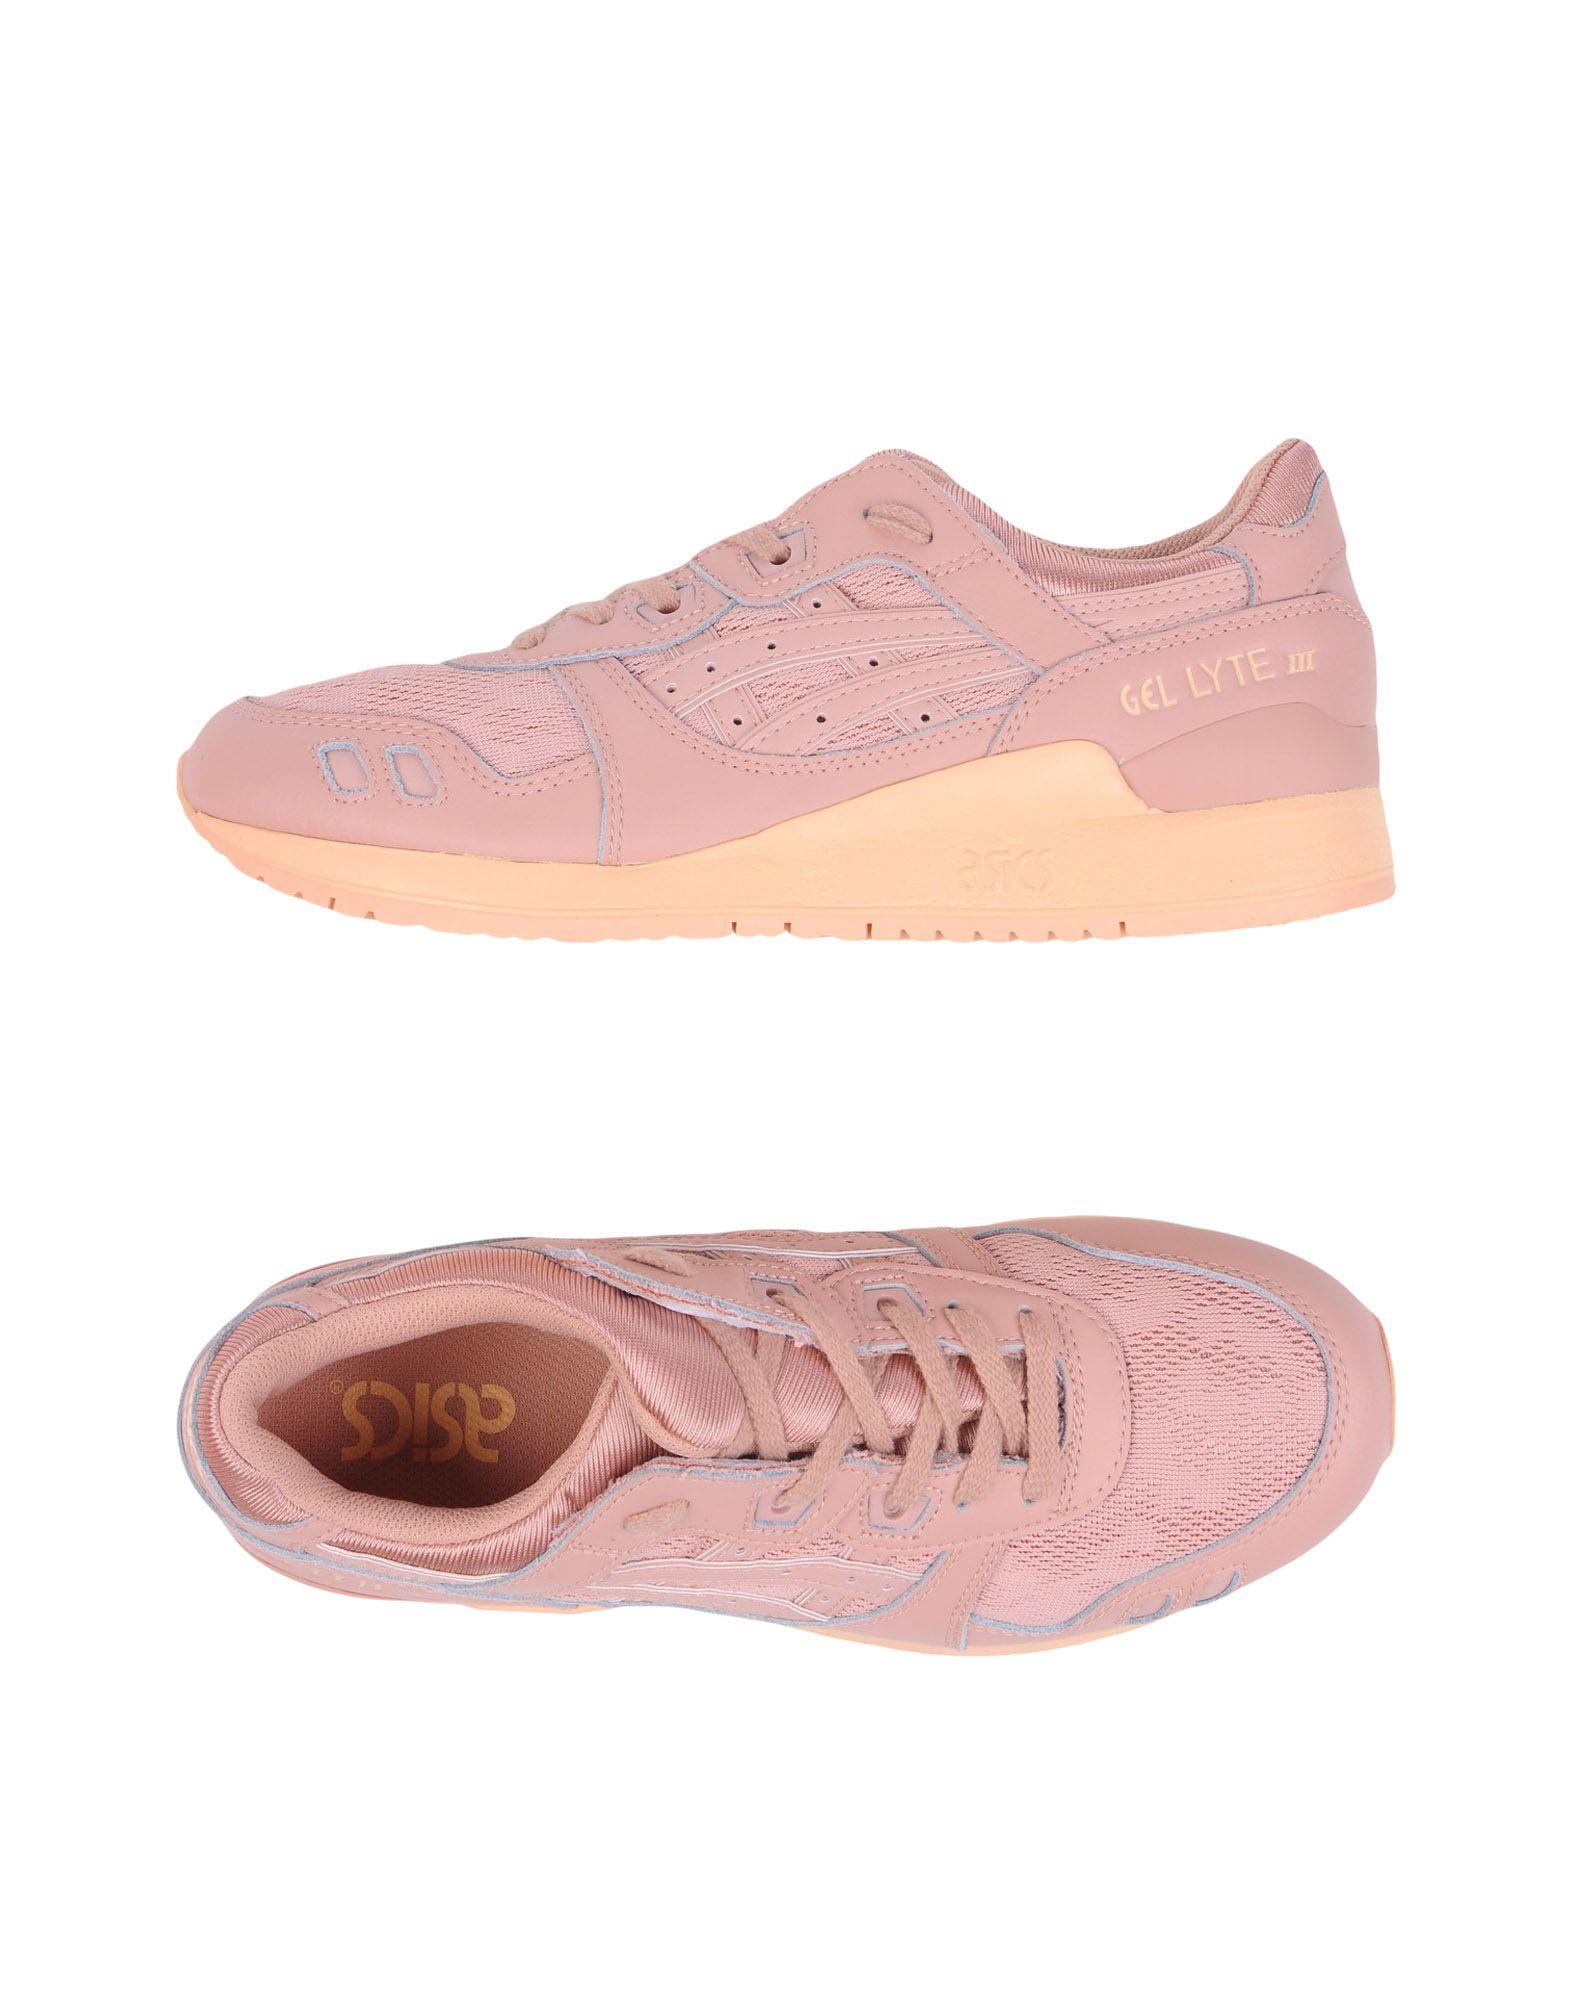 Asics Gel 11201618FW Gute Qualität beliebte Schuhe